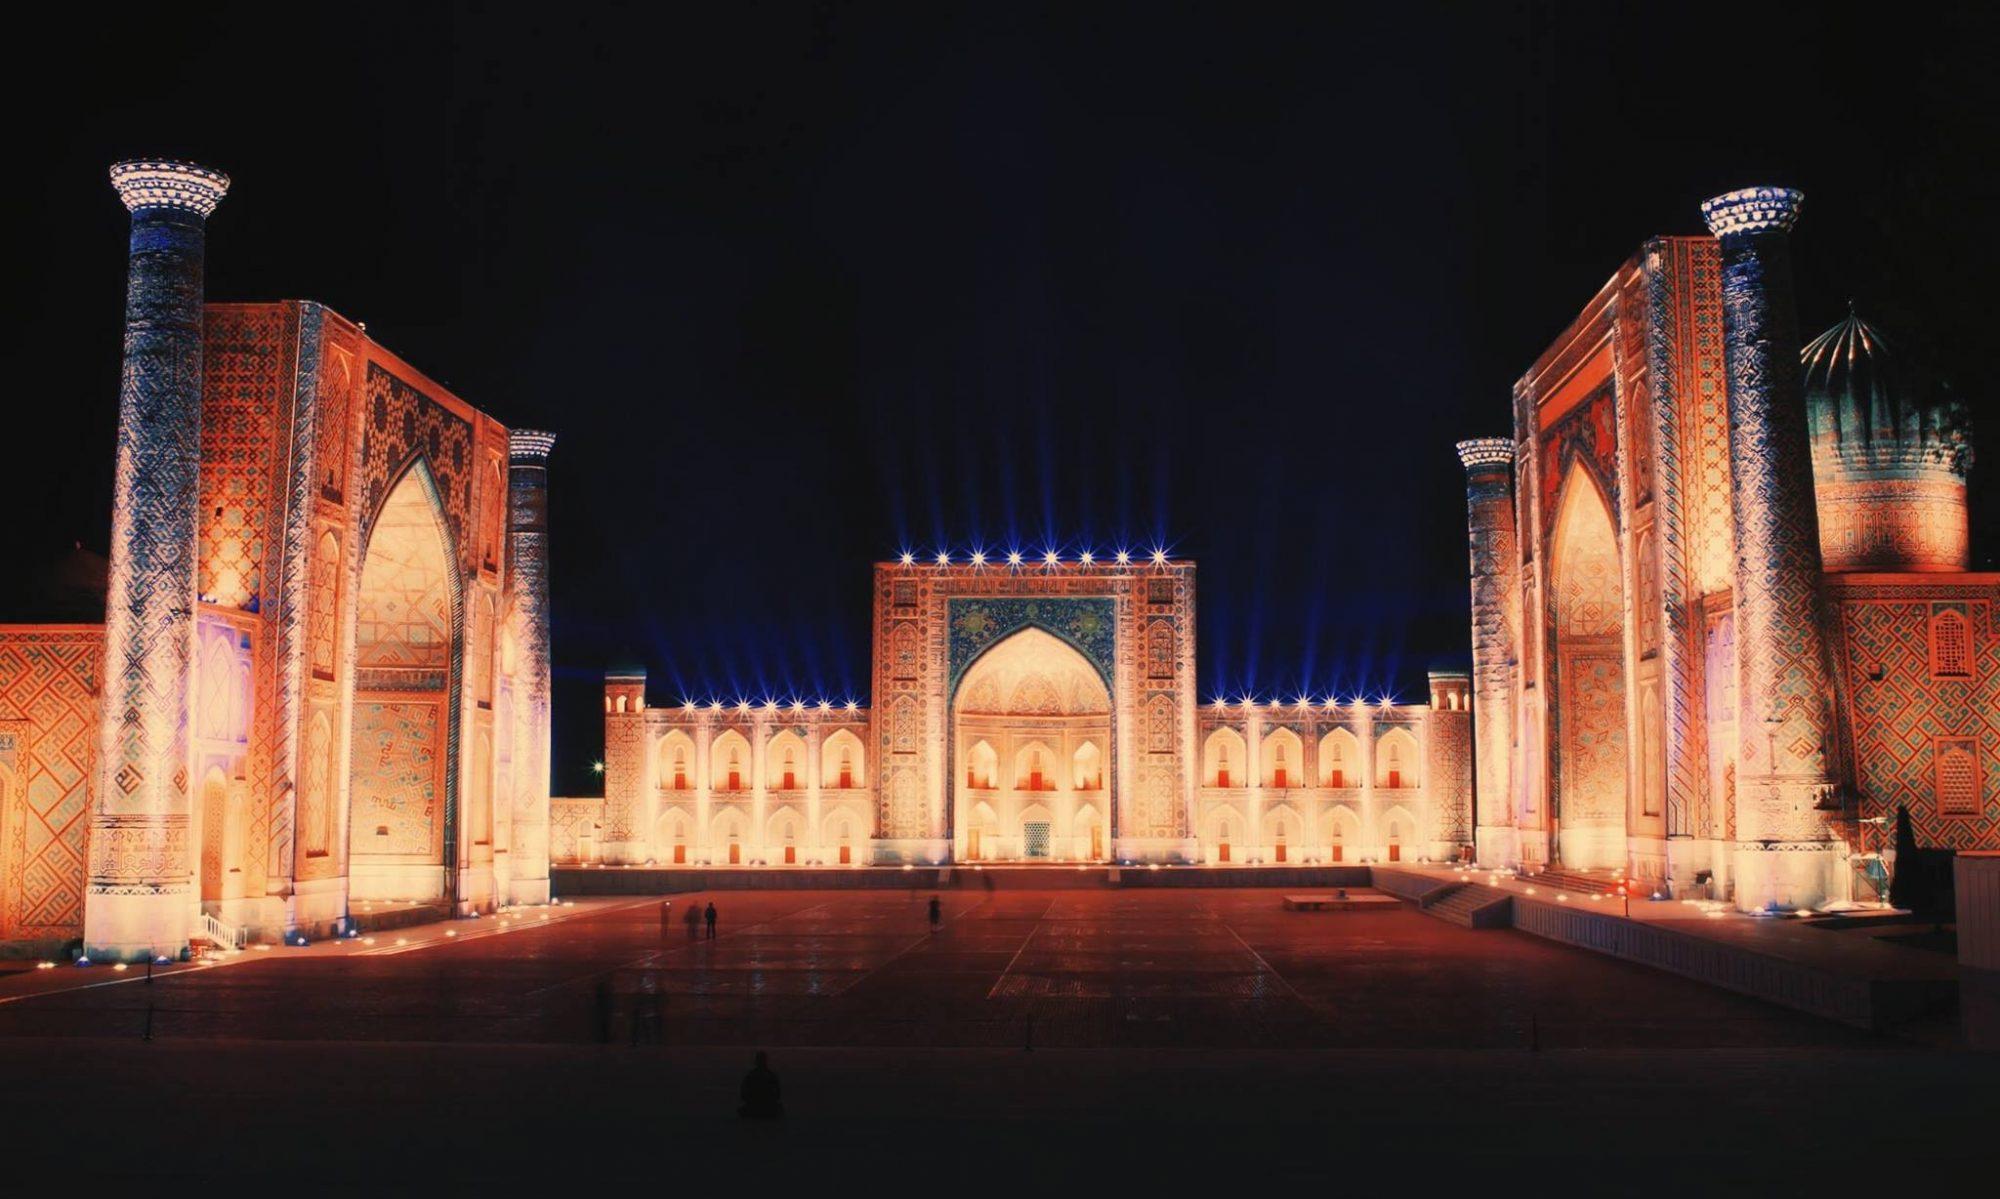 Узбекистан освободит иностранные кинокомпании от платы за съемку на объектах материального и культурного наследия